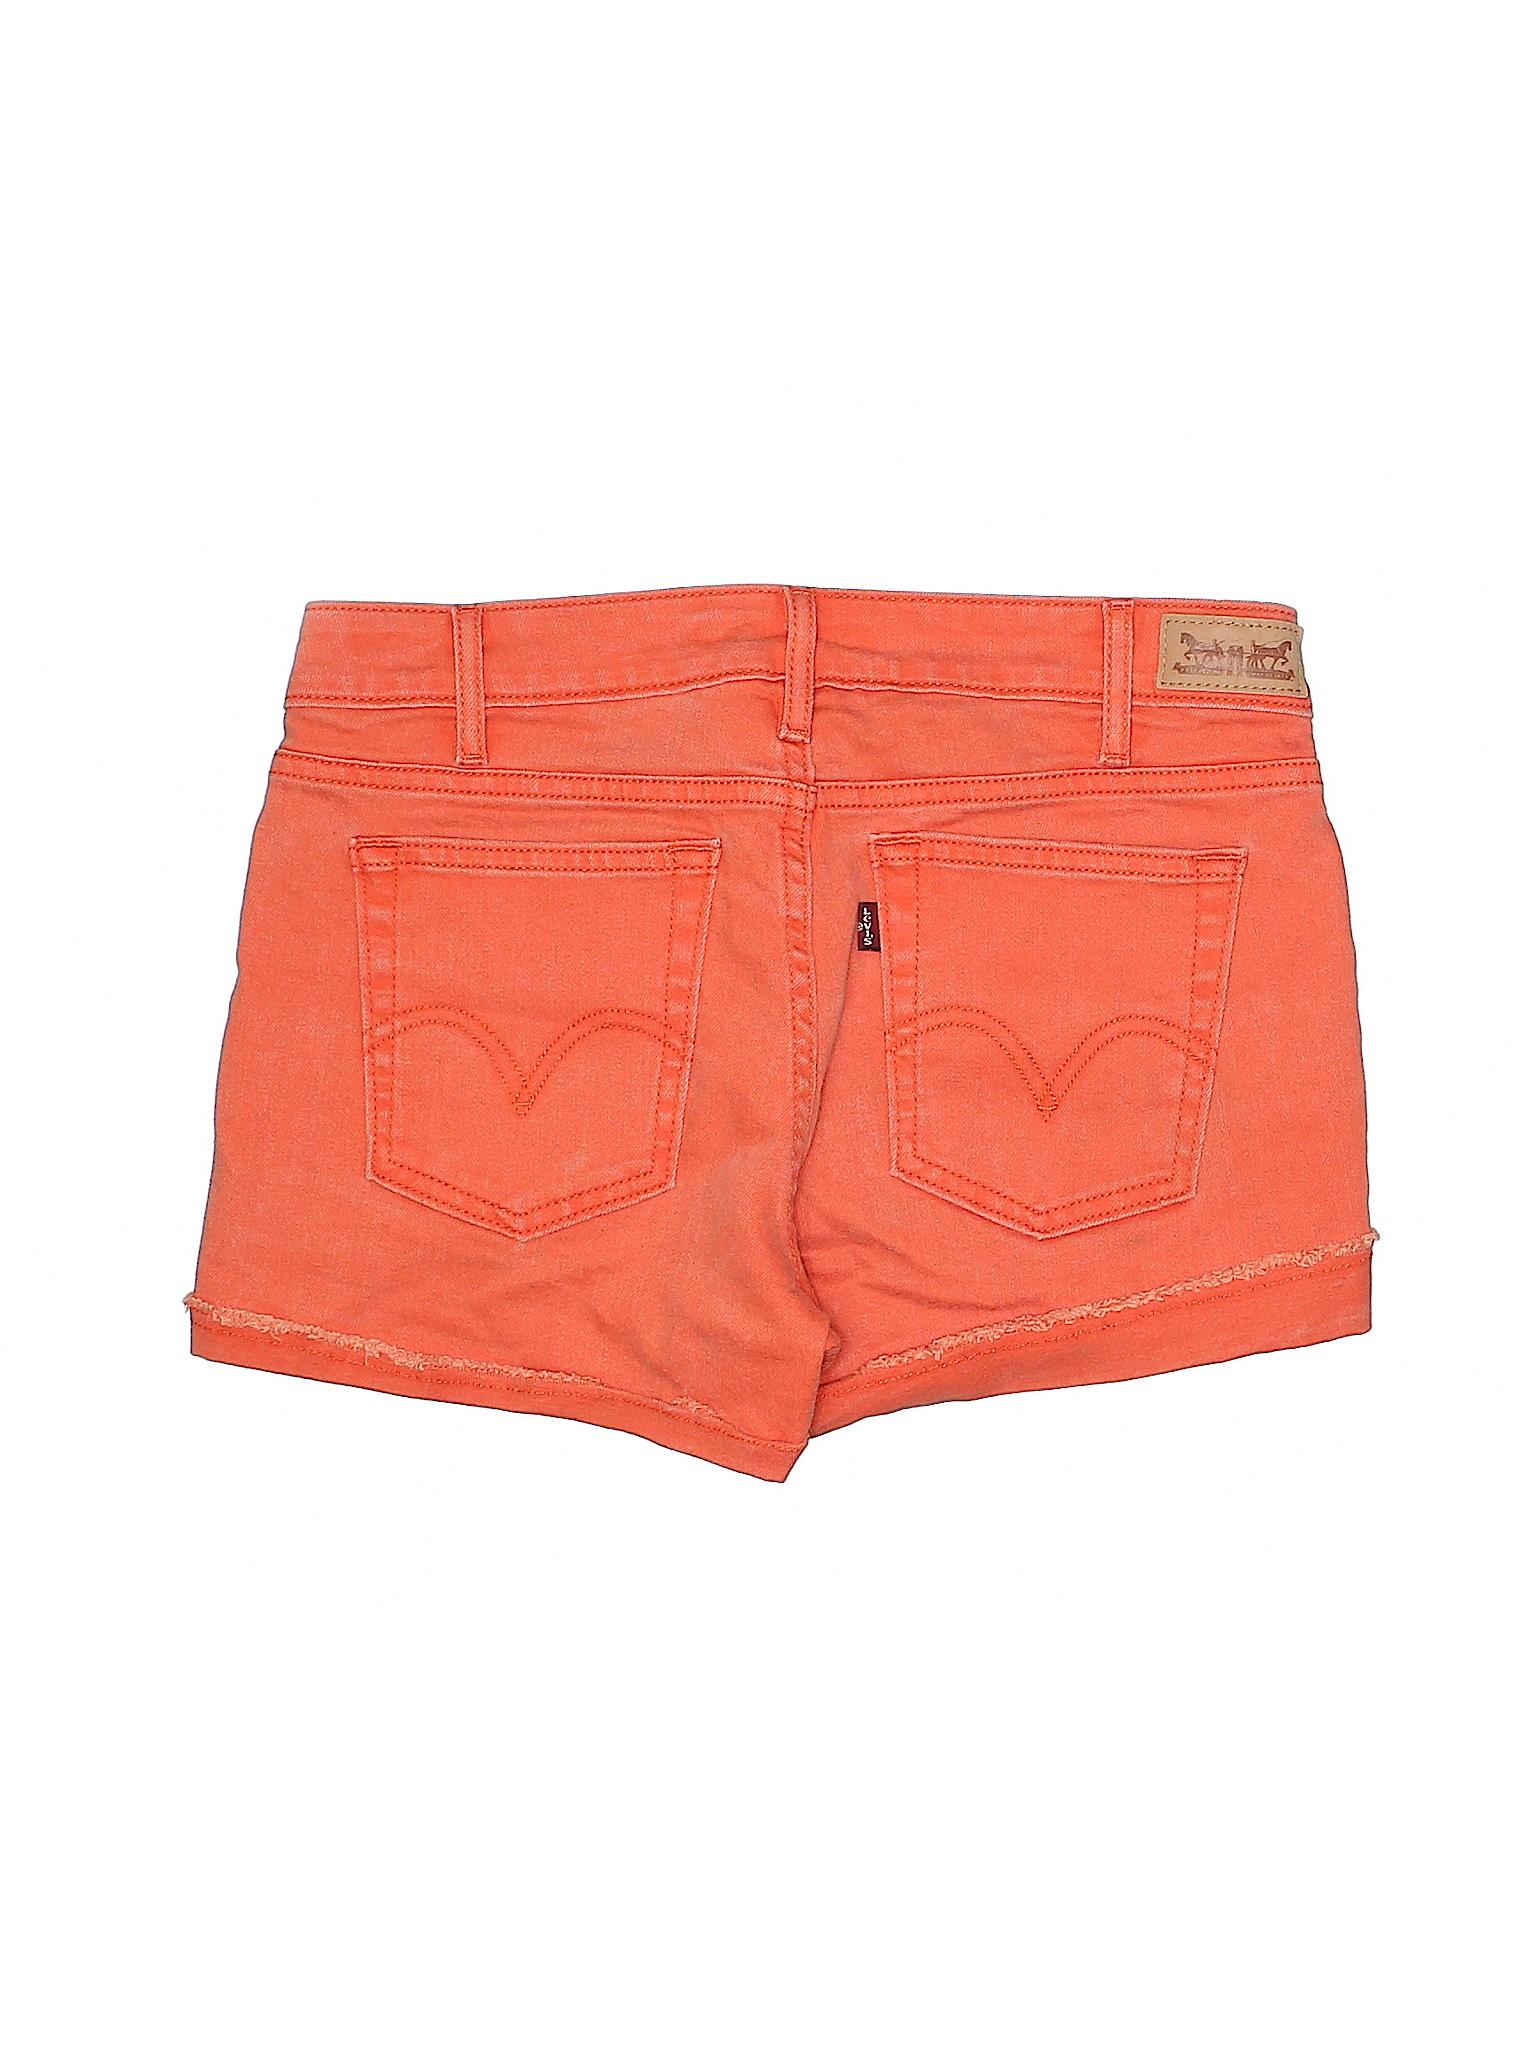 Boutique Levi's Denim Shorts Levi's Shorts Levi's Denim Boutique Boutique 57XgdWwq